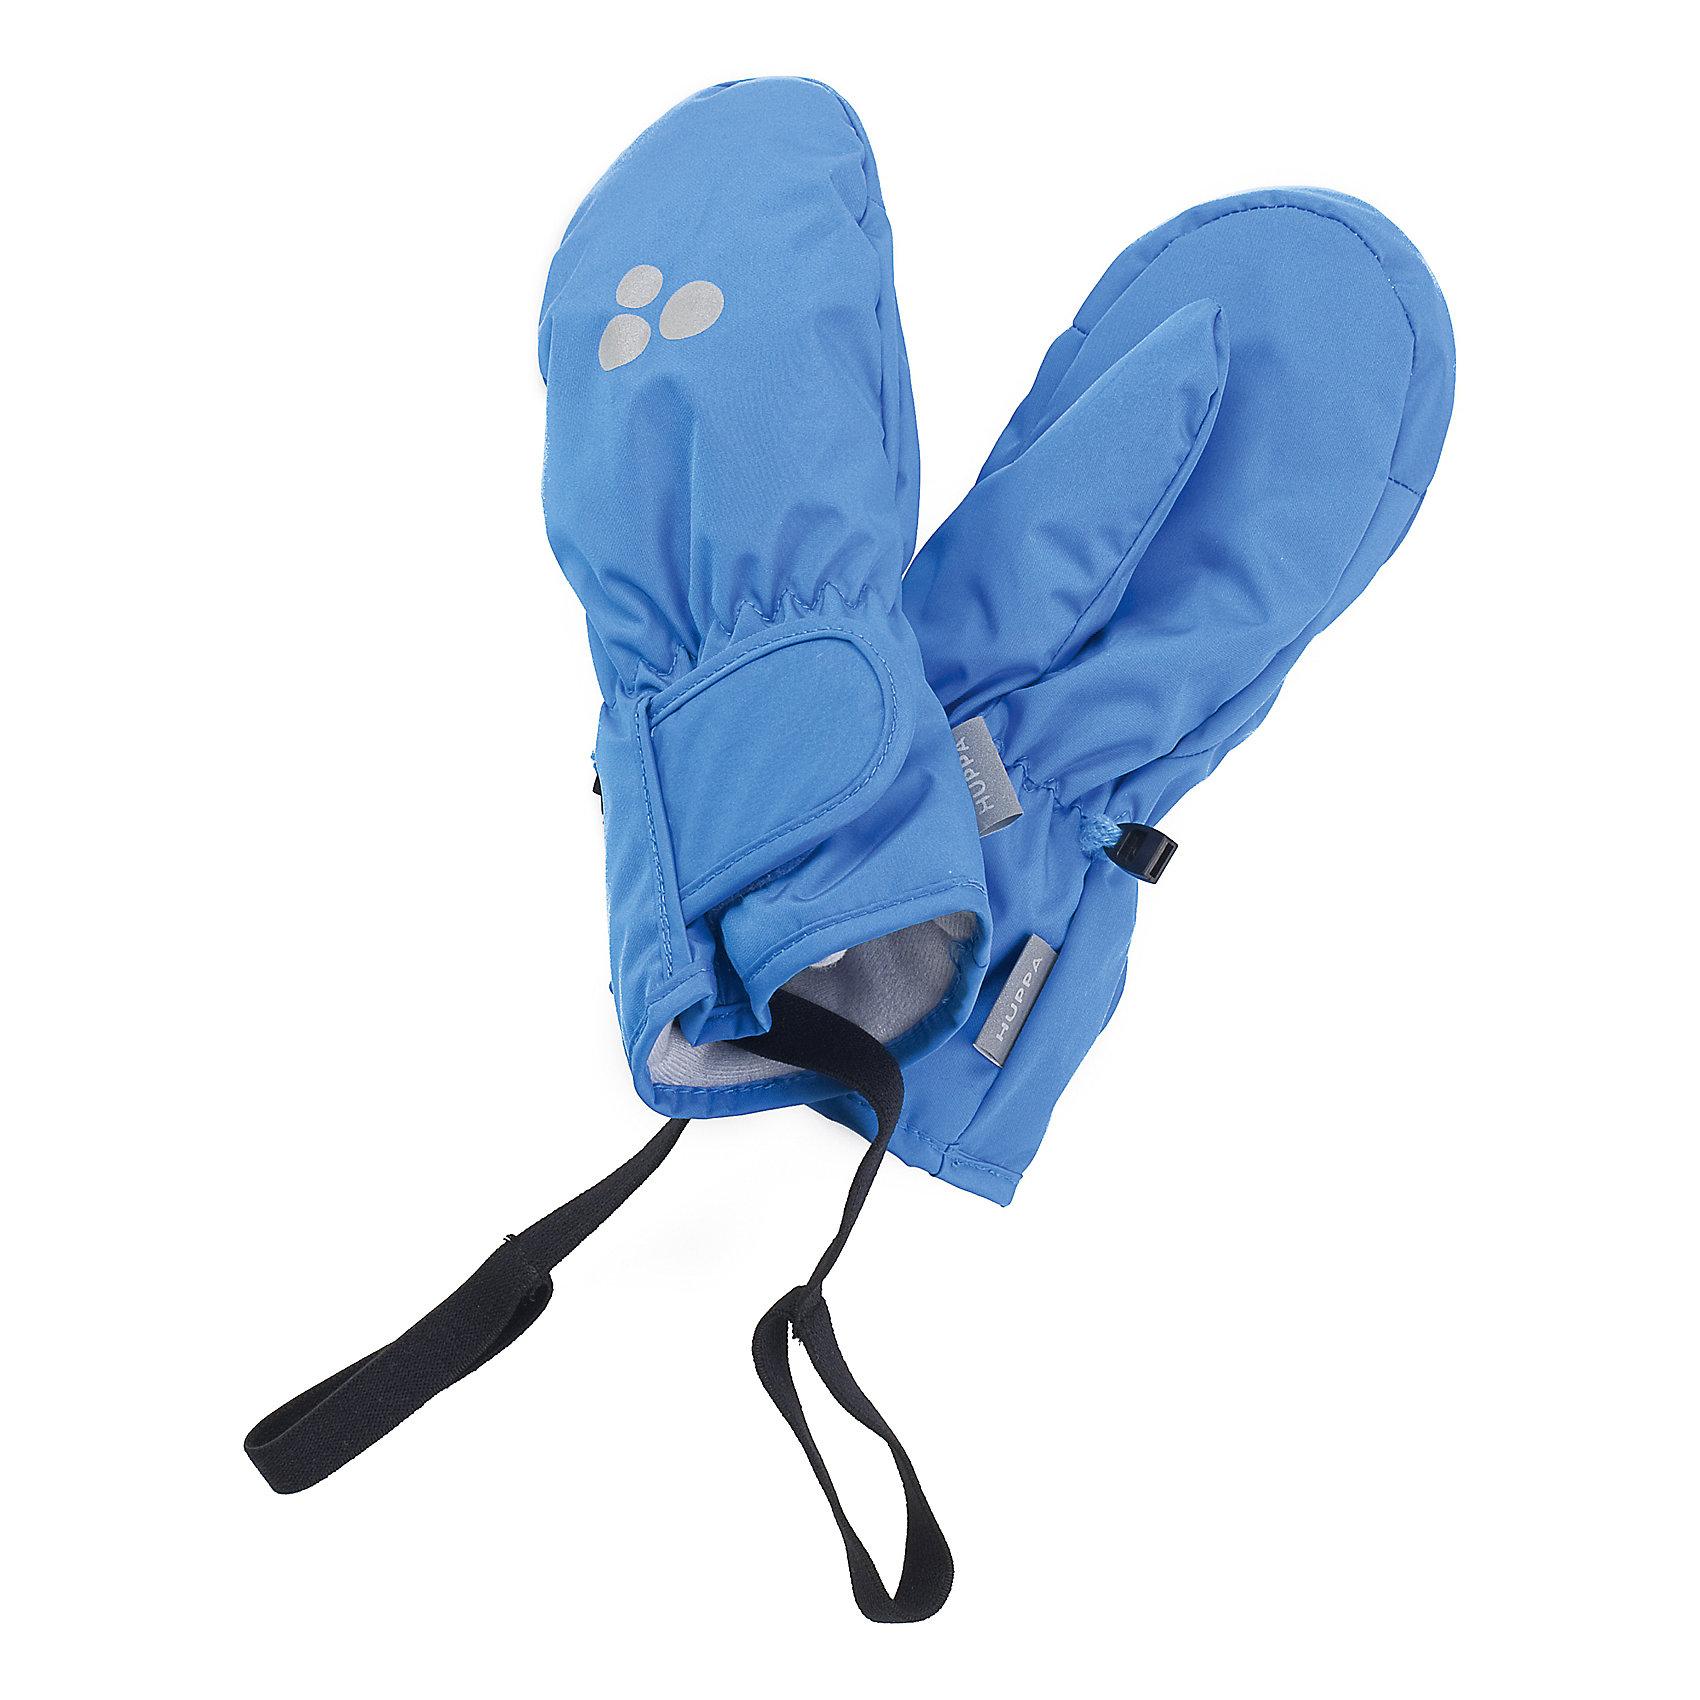 Варежки для мальчика HuppaПерчатки, варежки<br>Детские зимние варежки ярких цветов. У варежек приятная подкладка из полиэстера и дышащая и водоотталкивающая ткань, которая поможет держать руки в сухости и тепле. В середину вшита резинка, а на запястье - регулируемая застежка-липучка, которые помогут варежкам надежно держаться на руках. Чтобы варежки не терялись, для удобства использования варежек добавлена резиновая лента, а в качестве украшения - светящиеся в темноте шарики с логотипом Huppa (Хуппа). Маленькие зажимы в средней части помогут держать пару варежек вместе после использования. <br><br>Варежки для мальчика Huppa (Хуппа) можно купить в нашем магазине.<br><br>Ширина мм: 162<br>Глубина мм: 171<br>Высота мм: 55<br>Вес г: 119<br>Цвет: голубой<br>Возраст от месяцев: 6<br>Возраст до месяцев: 18<br>Пол: Мужской<br>Возраст: Детский<br>Размер: 1,3,2,5,4<br>SKU: 4242790